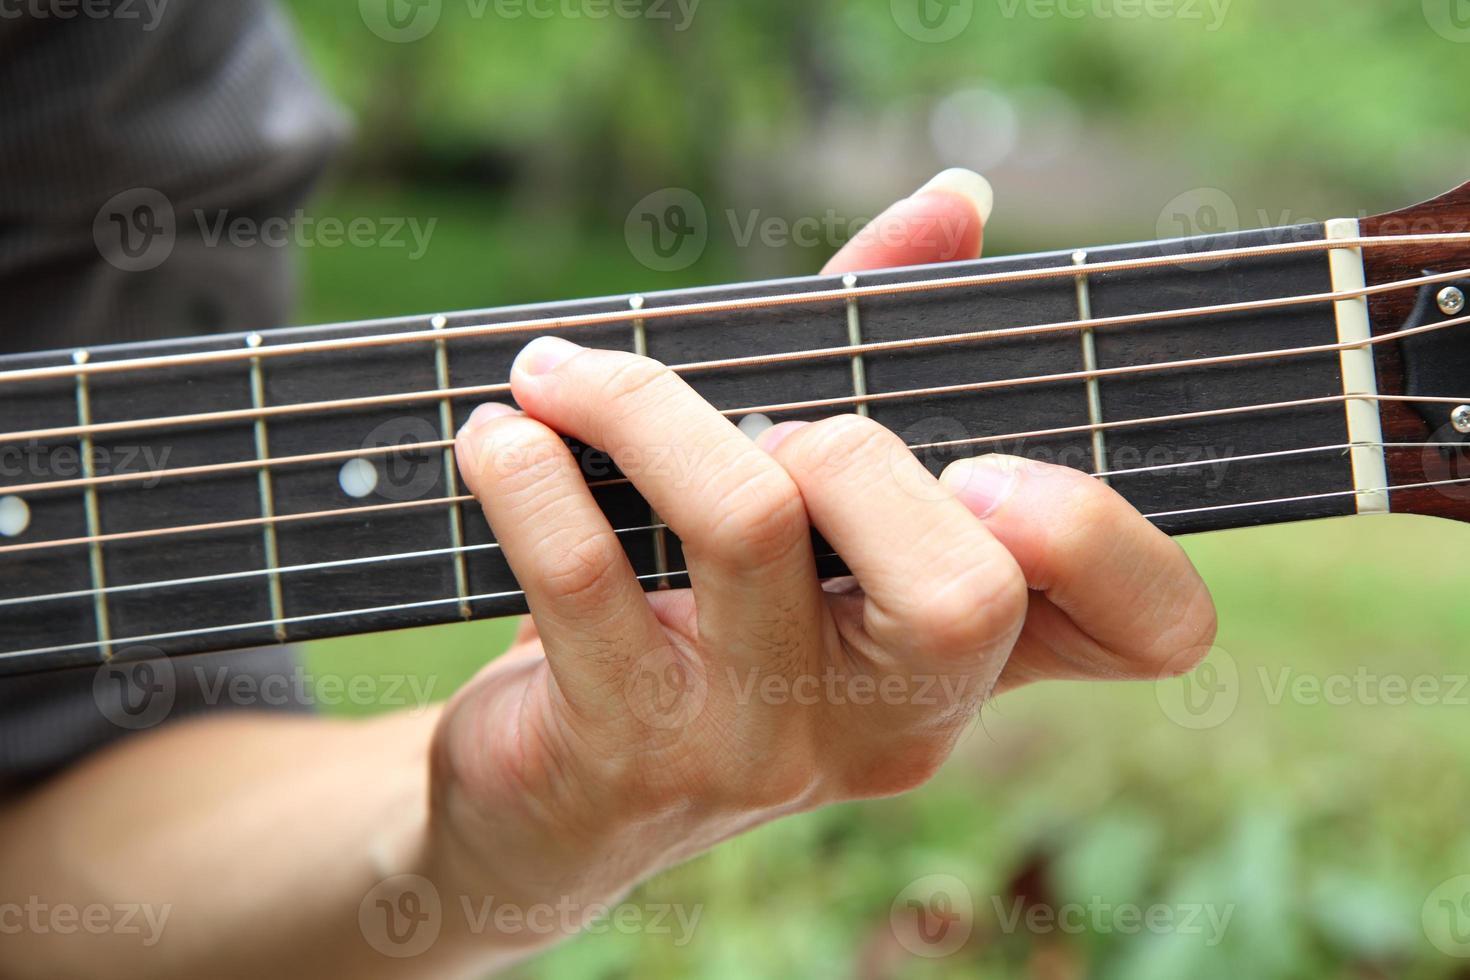 gitaarakkoord spelen f # foto